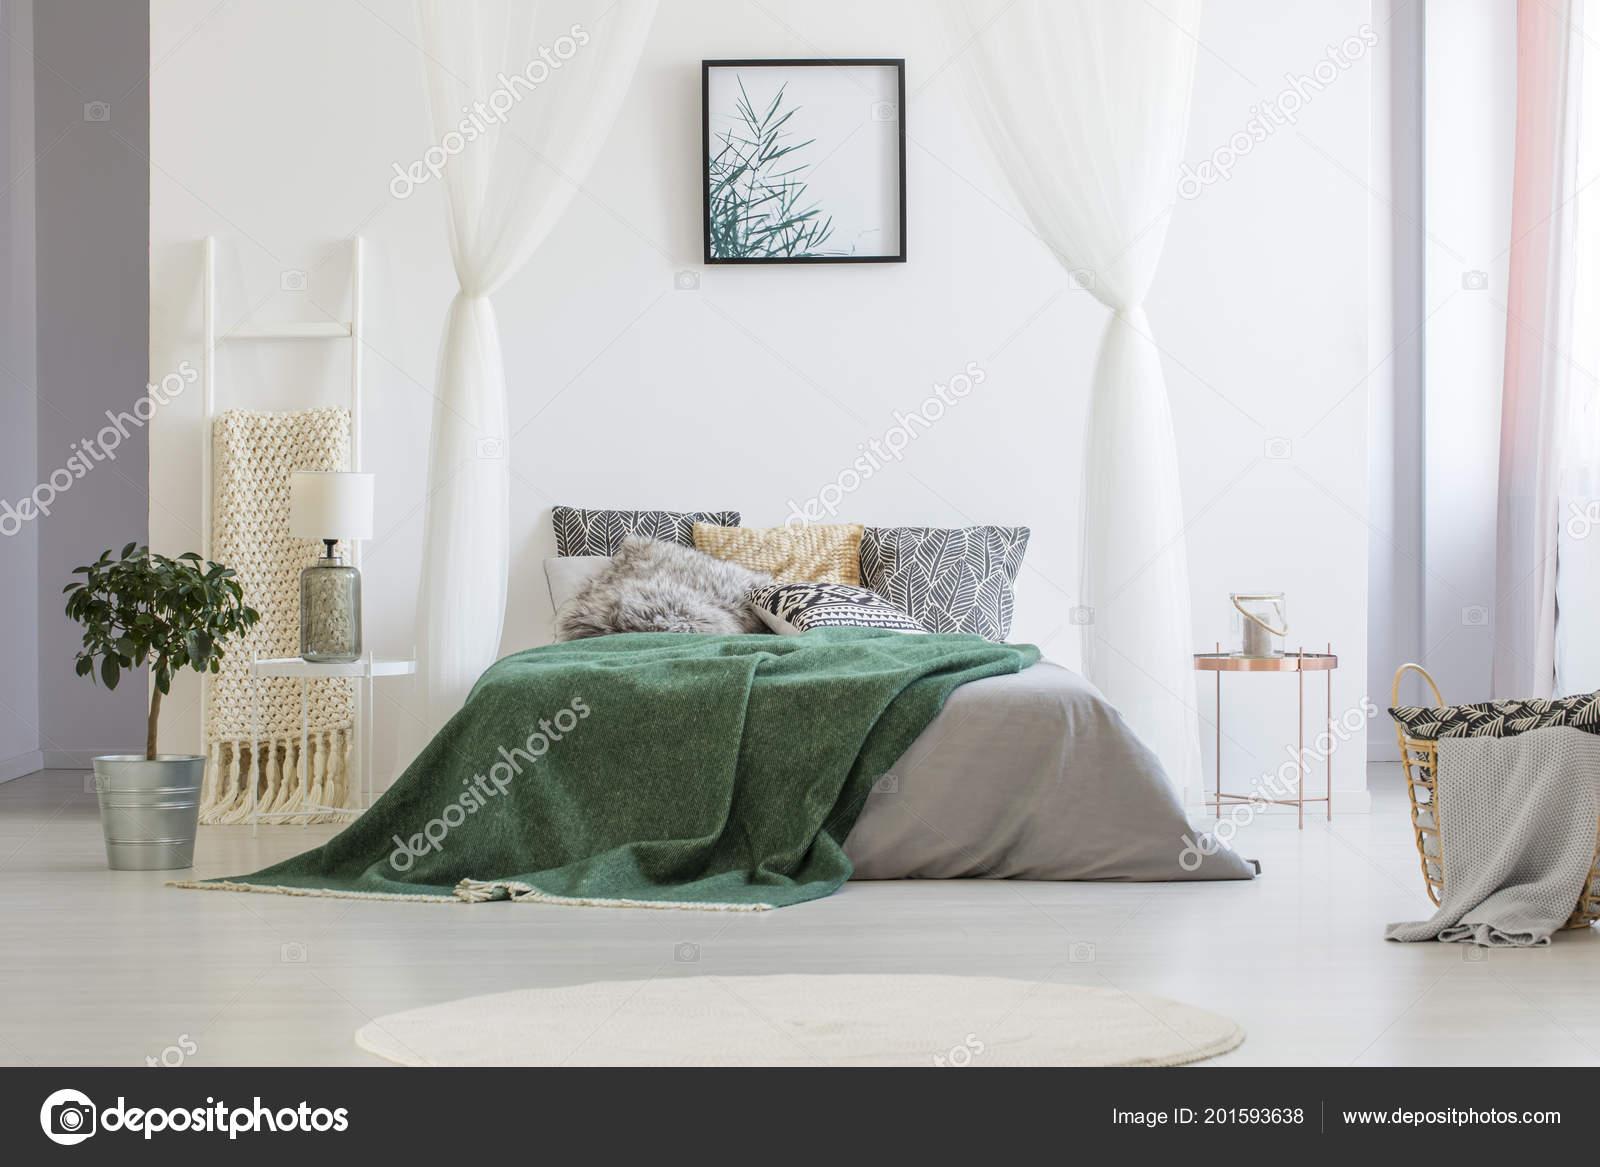 Grüne Decke Auf Doppel Bett Mit Vielen Kissen Und Graue — Stockfoto ...